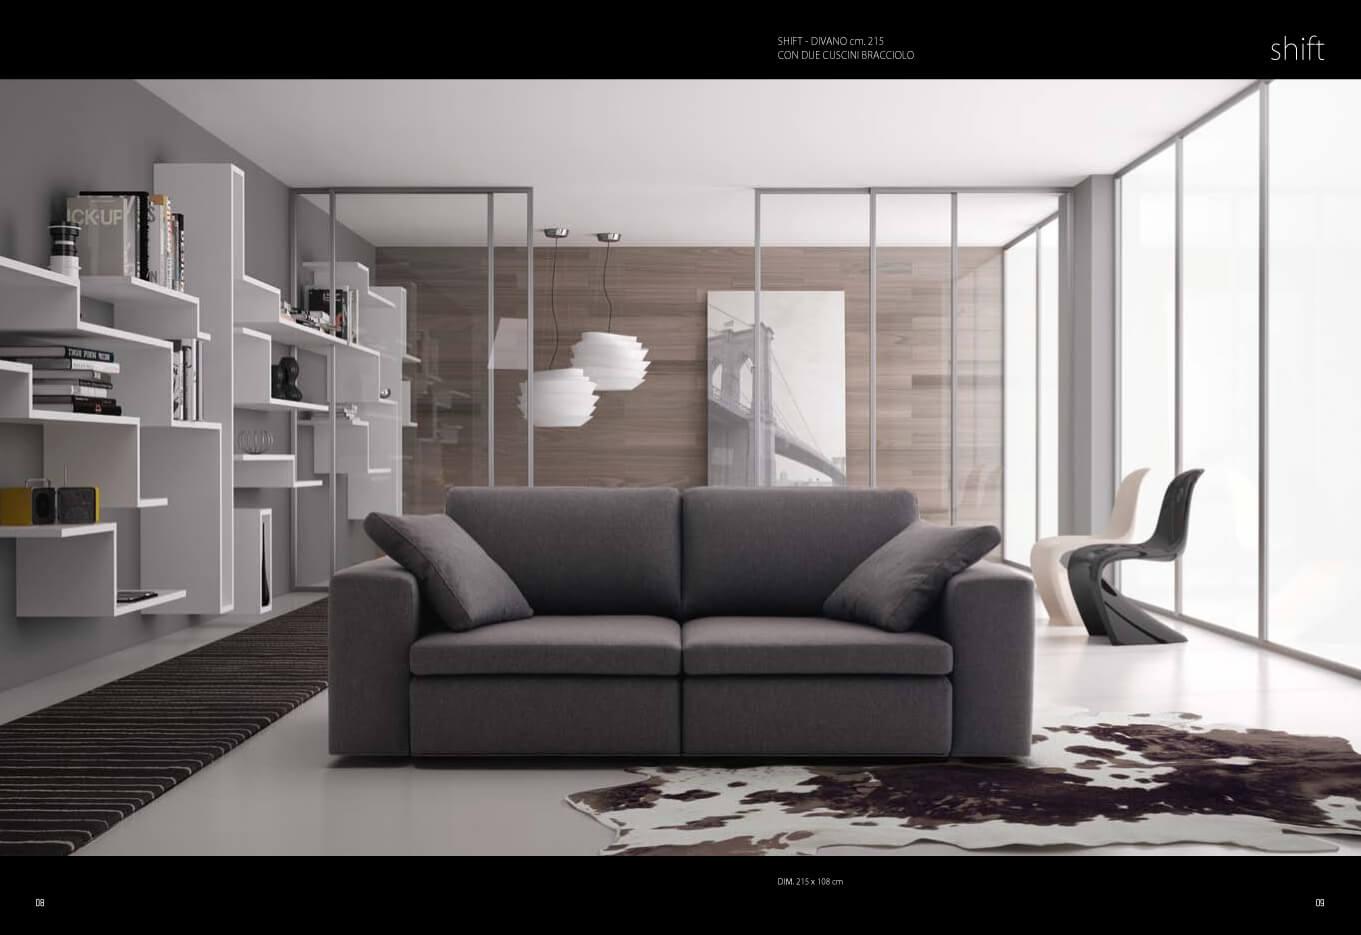 Smontare divano poltrone sofa affordable smontare divano for Divano con poltrone